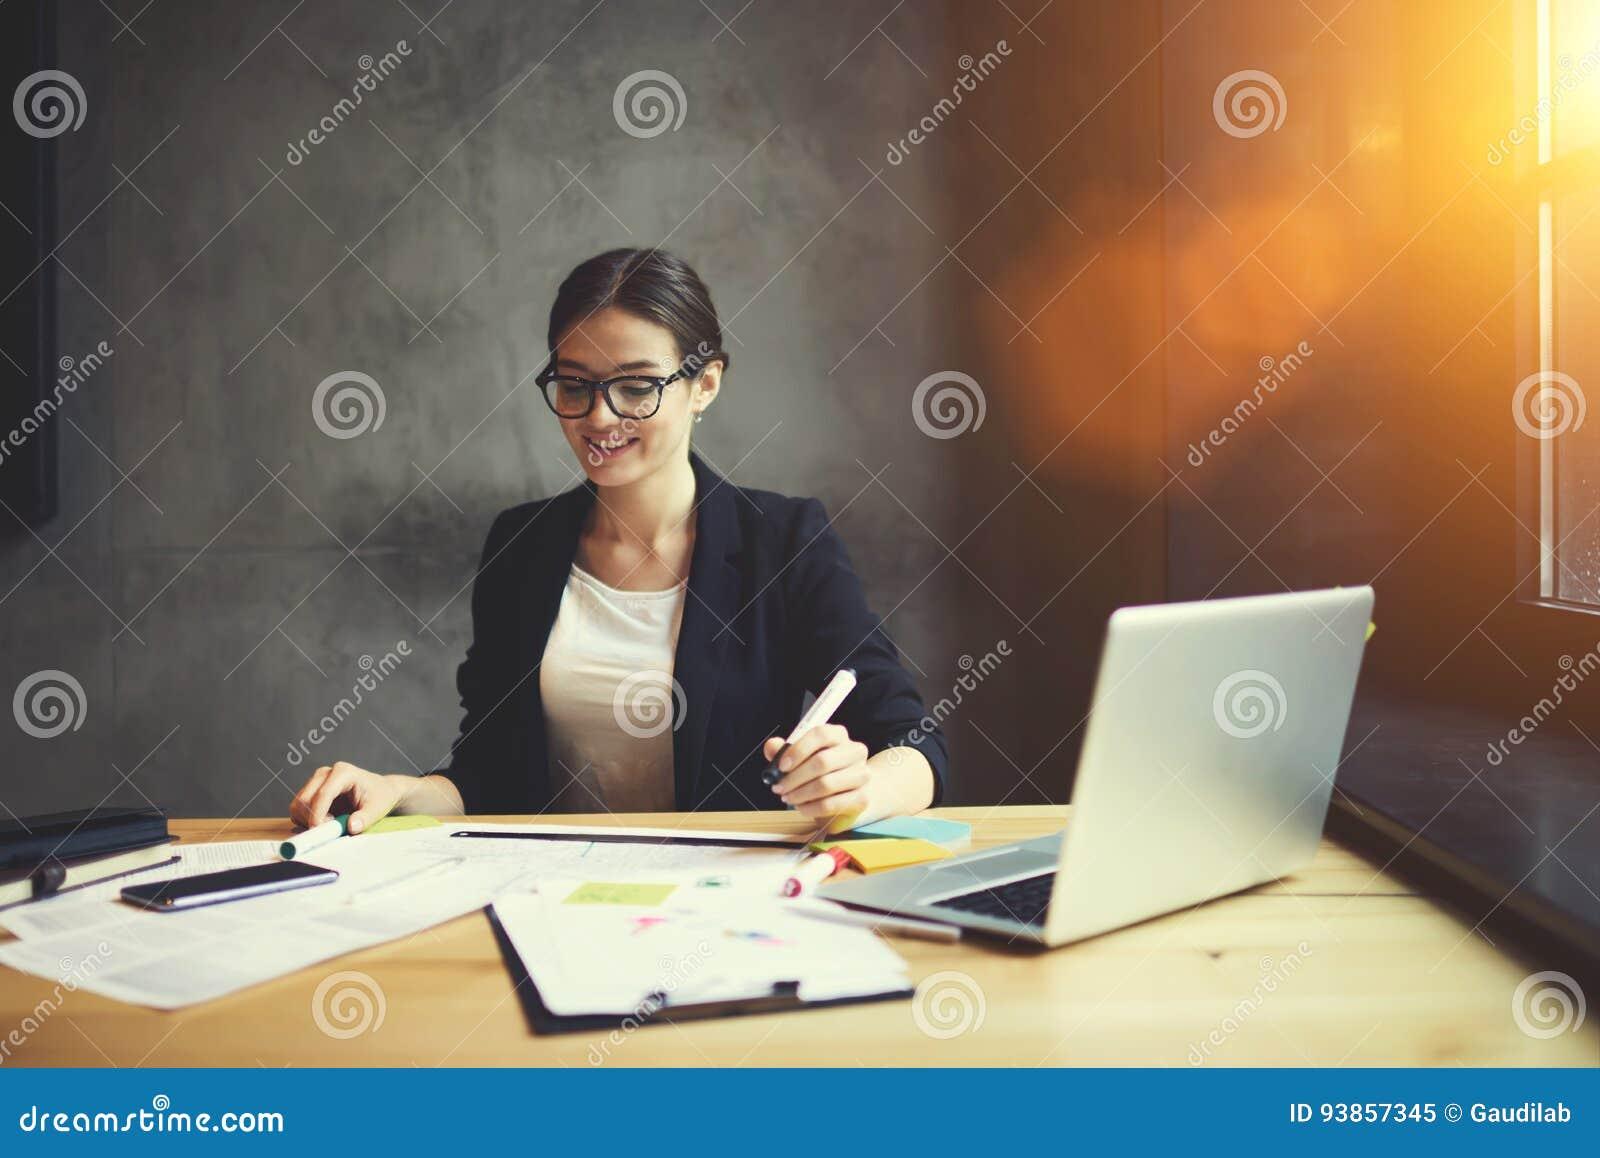 Utalentowany żeński projektant grafik komputerowych ubierający w formalnym stroju